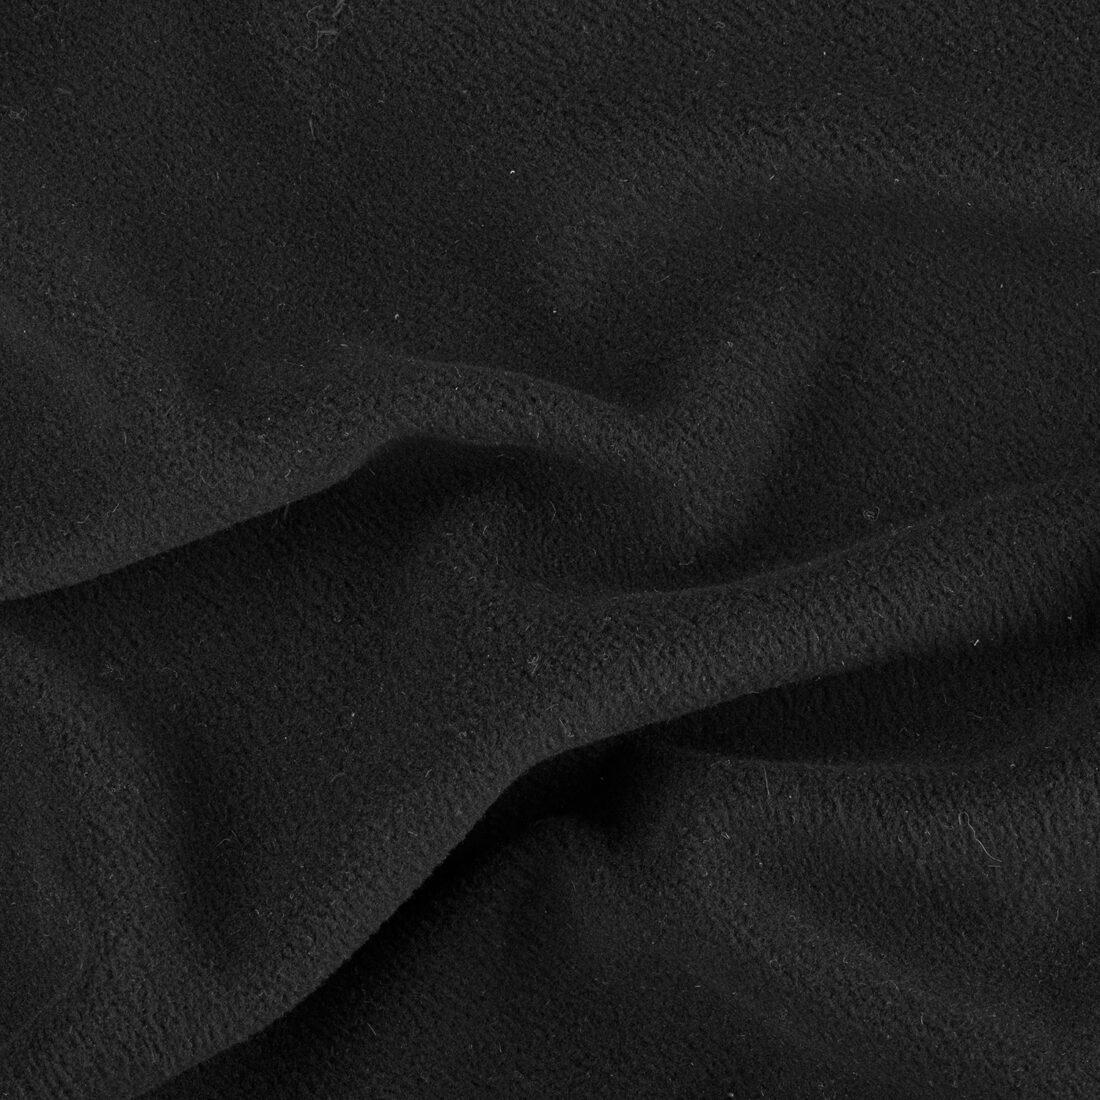 Foto prima della post-produzione: ci sono piccoli granelli di polvere evidenziati dal flash